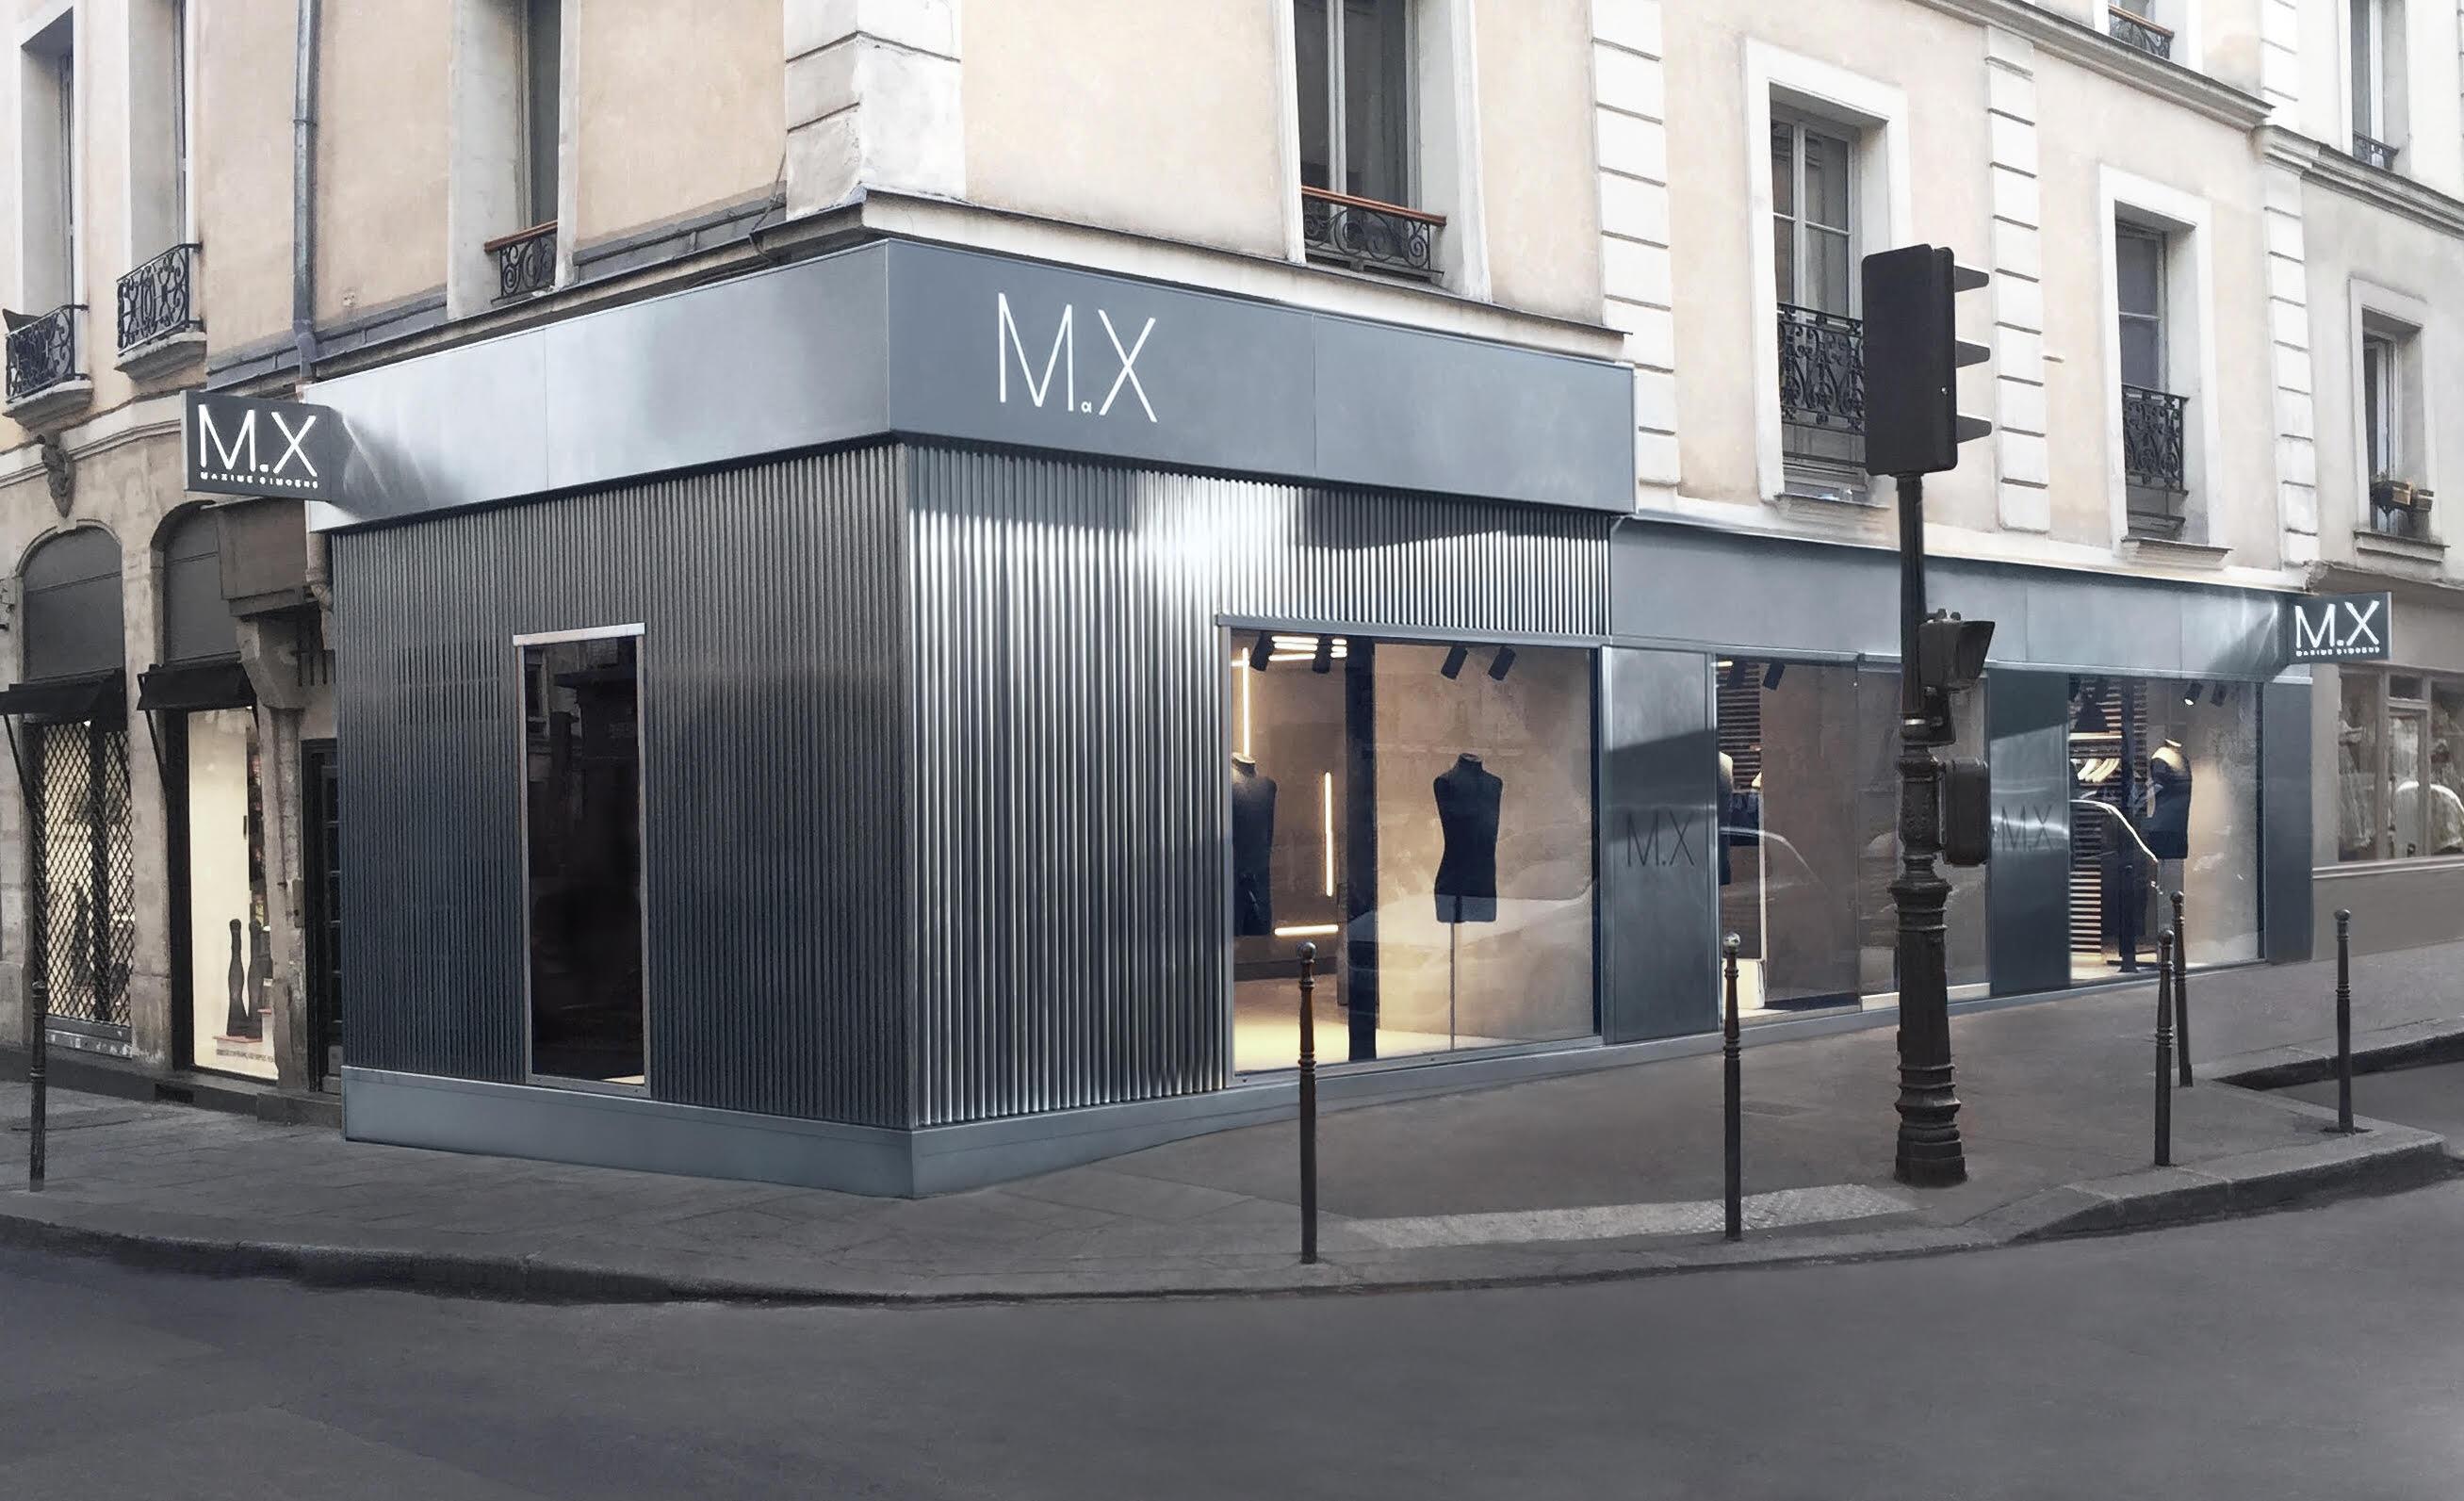 Le flagship, 13 rue Vieille-du-Temple à Paris